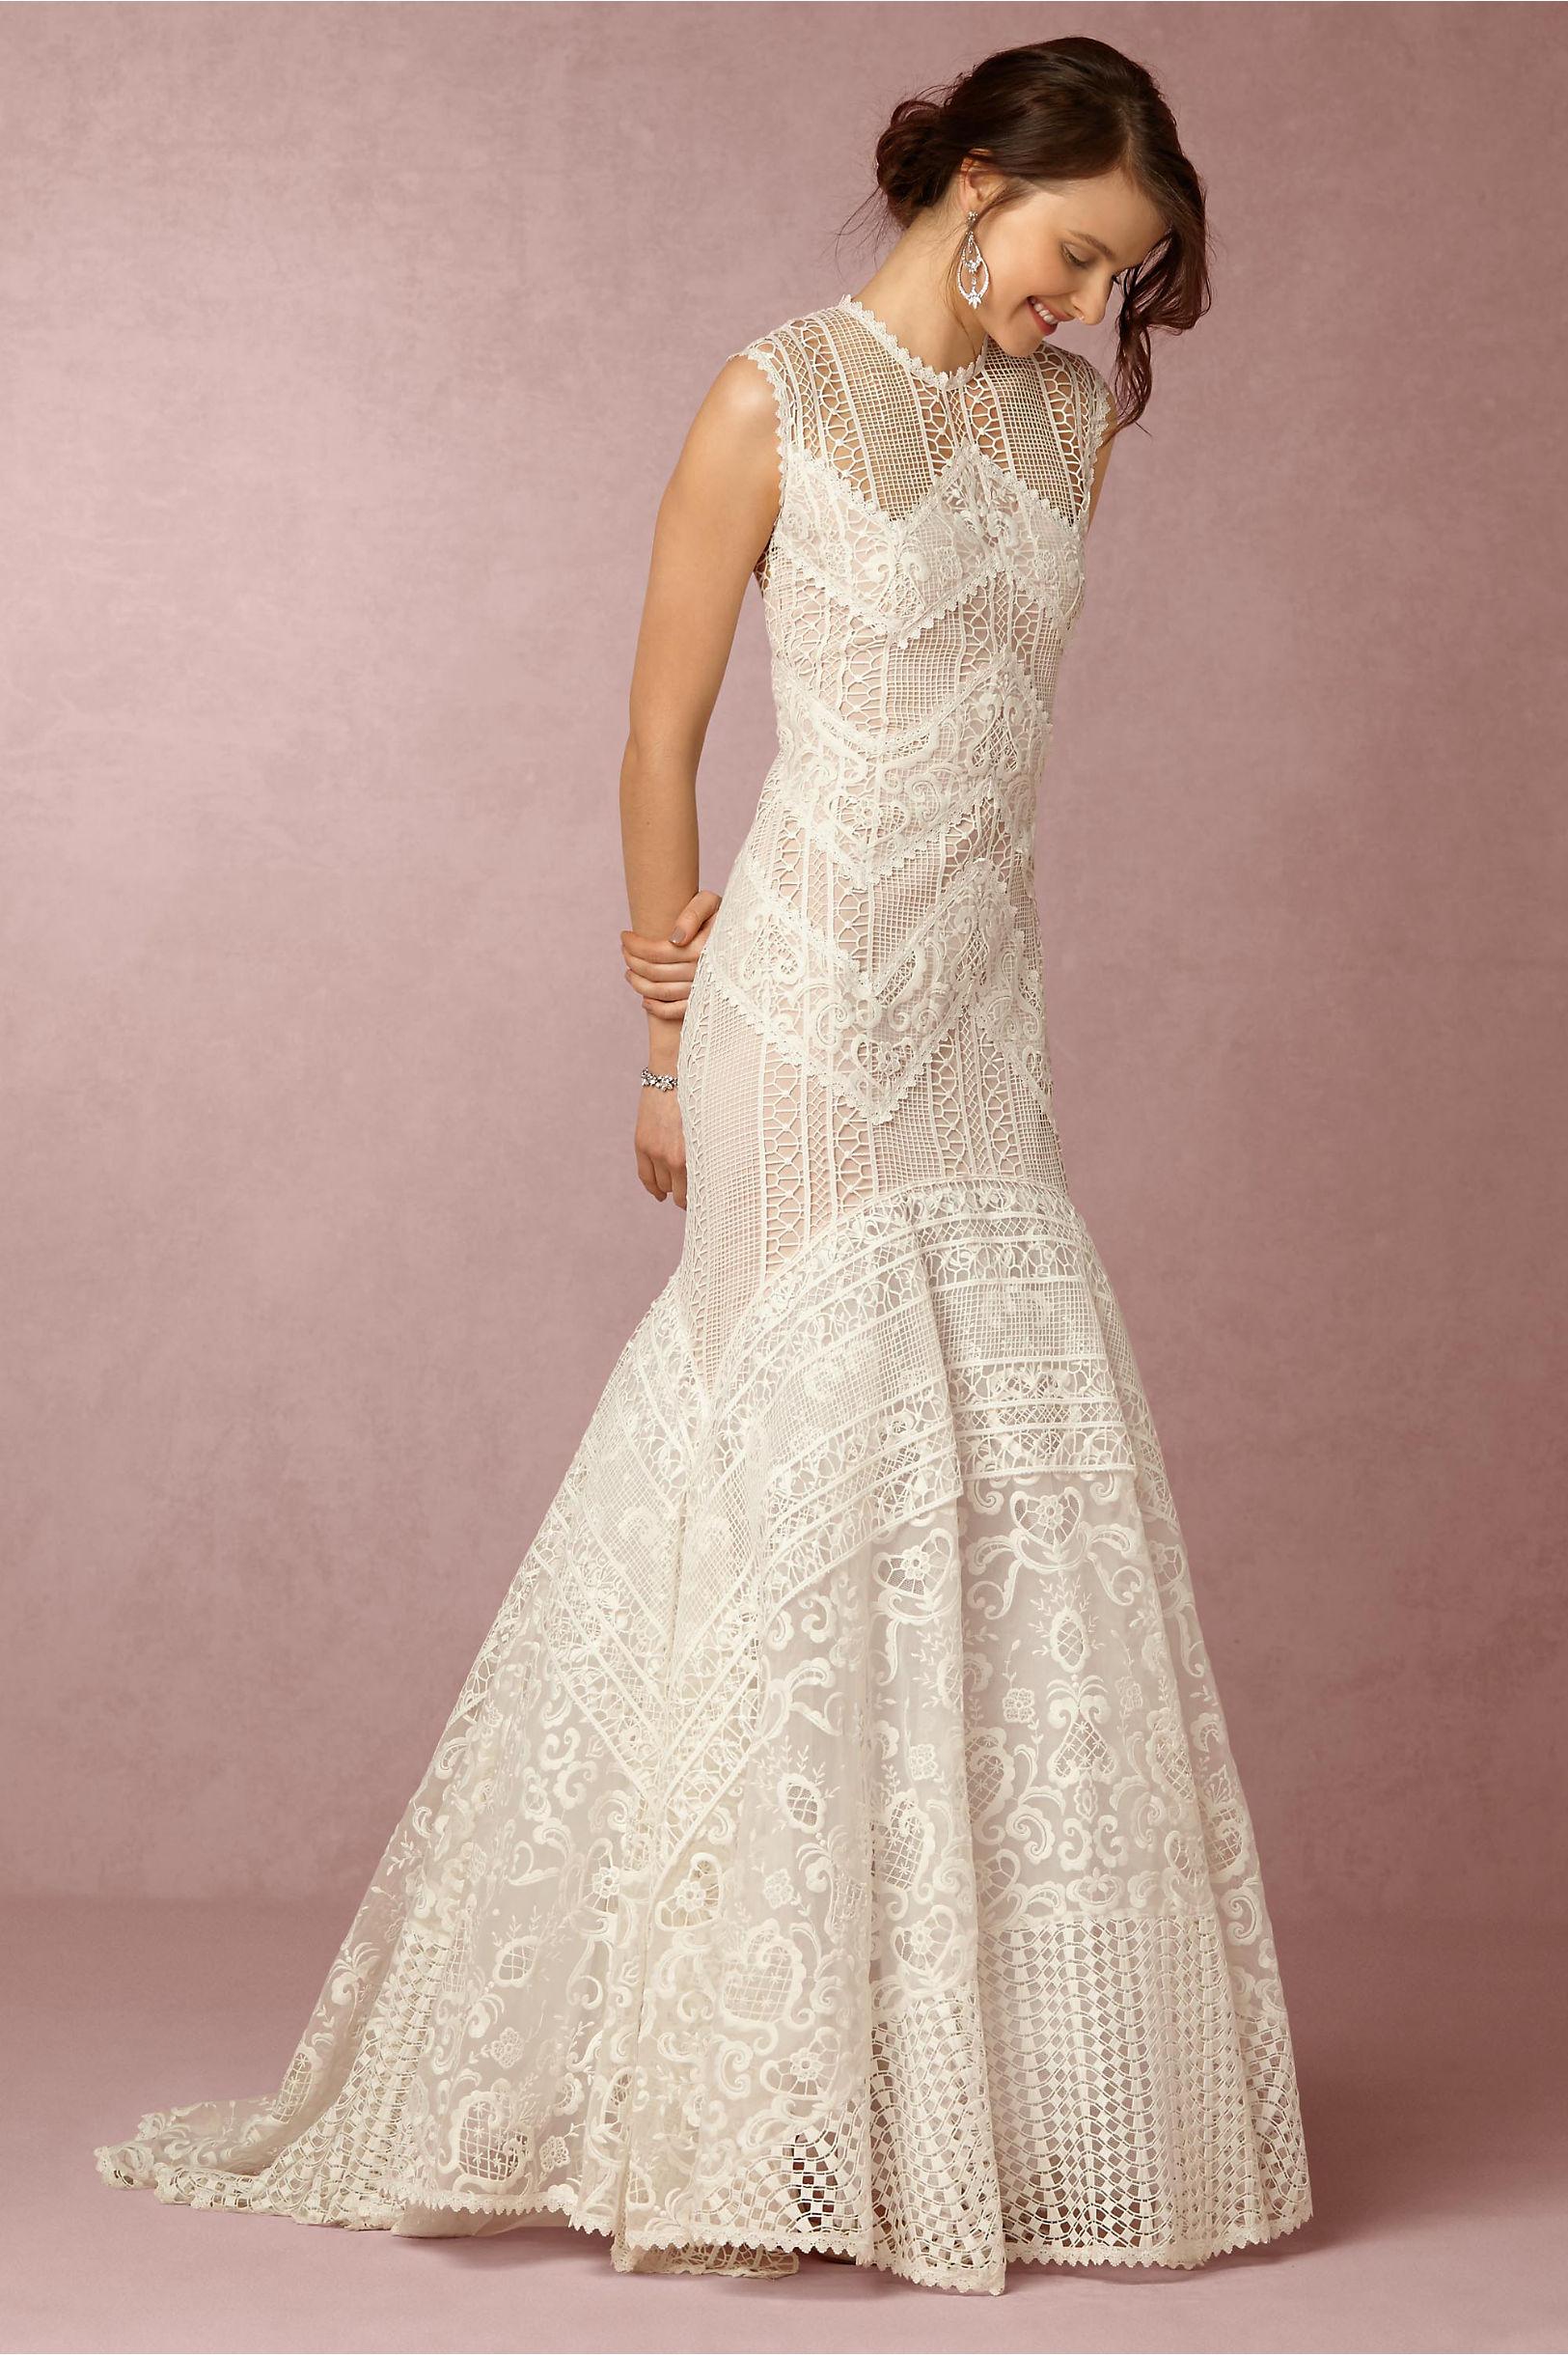 Fancy Friday - BHLDN Wedding Gowns